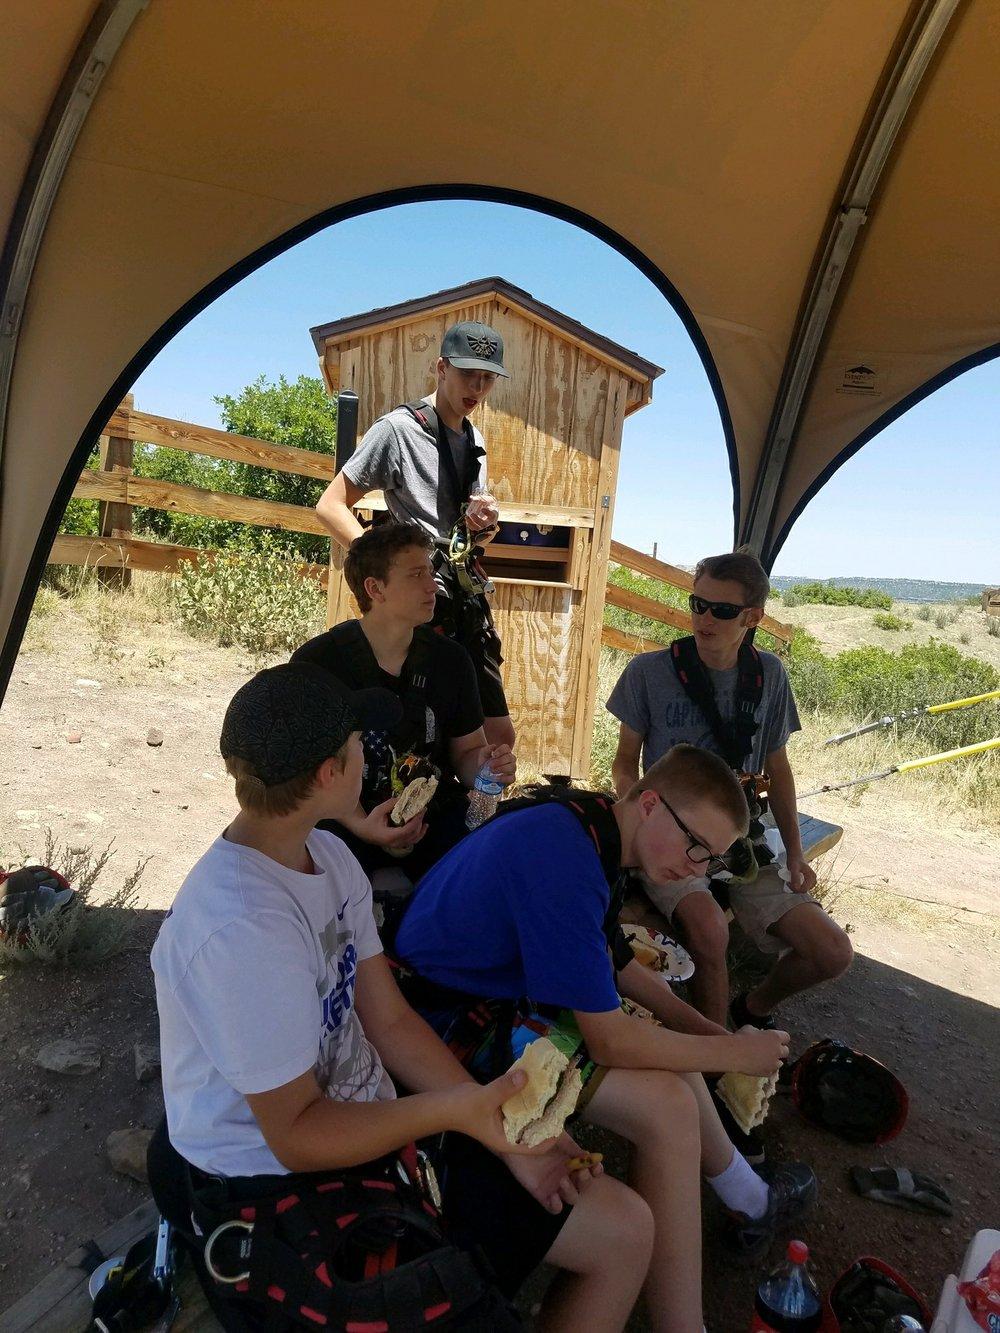 Gavin, Zane, Logan, Todd and Nate eating lunch near Zipline #6